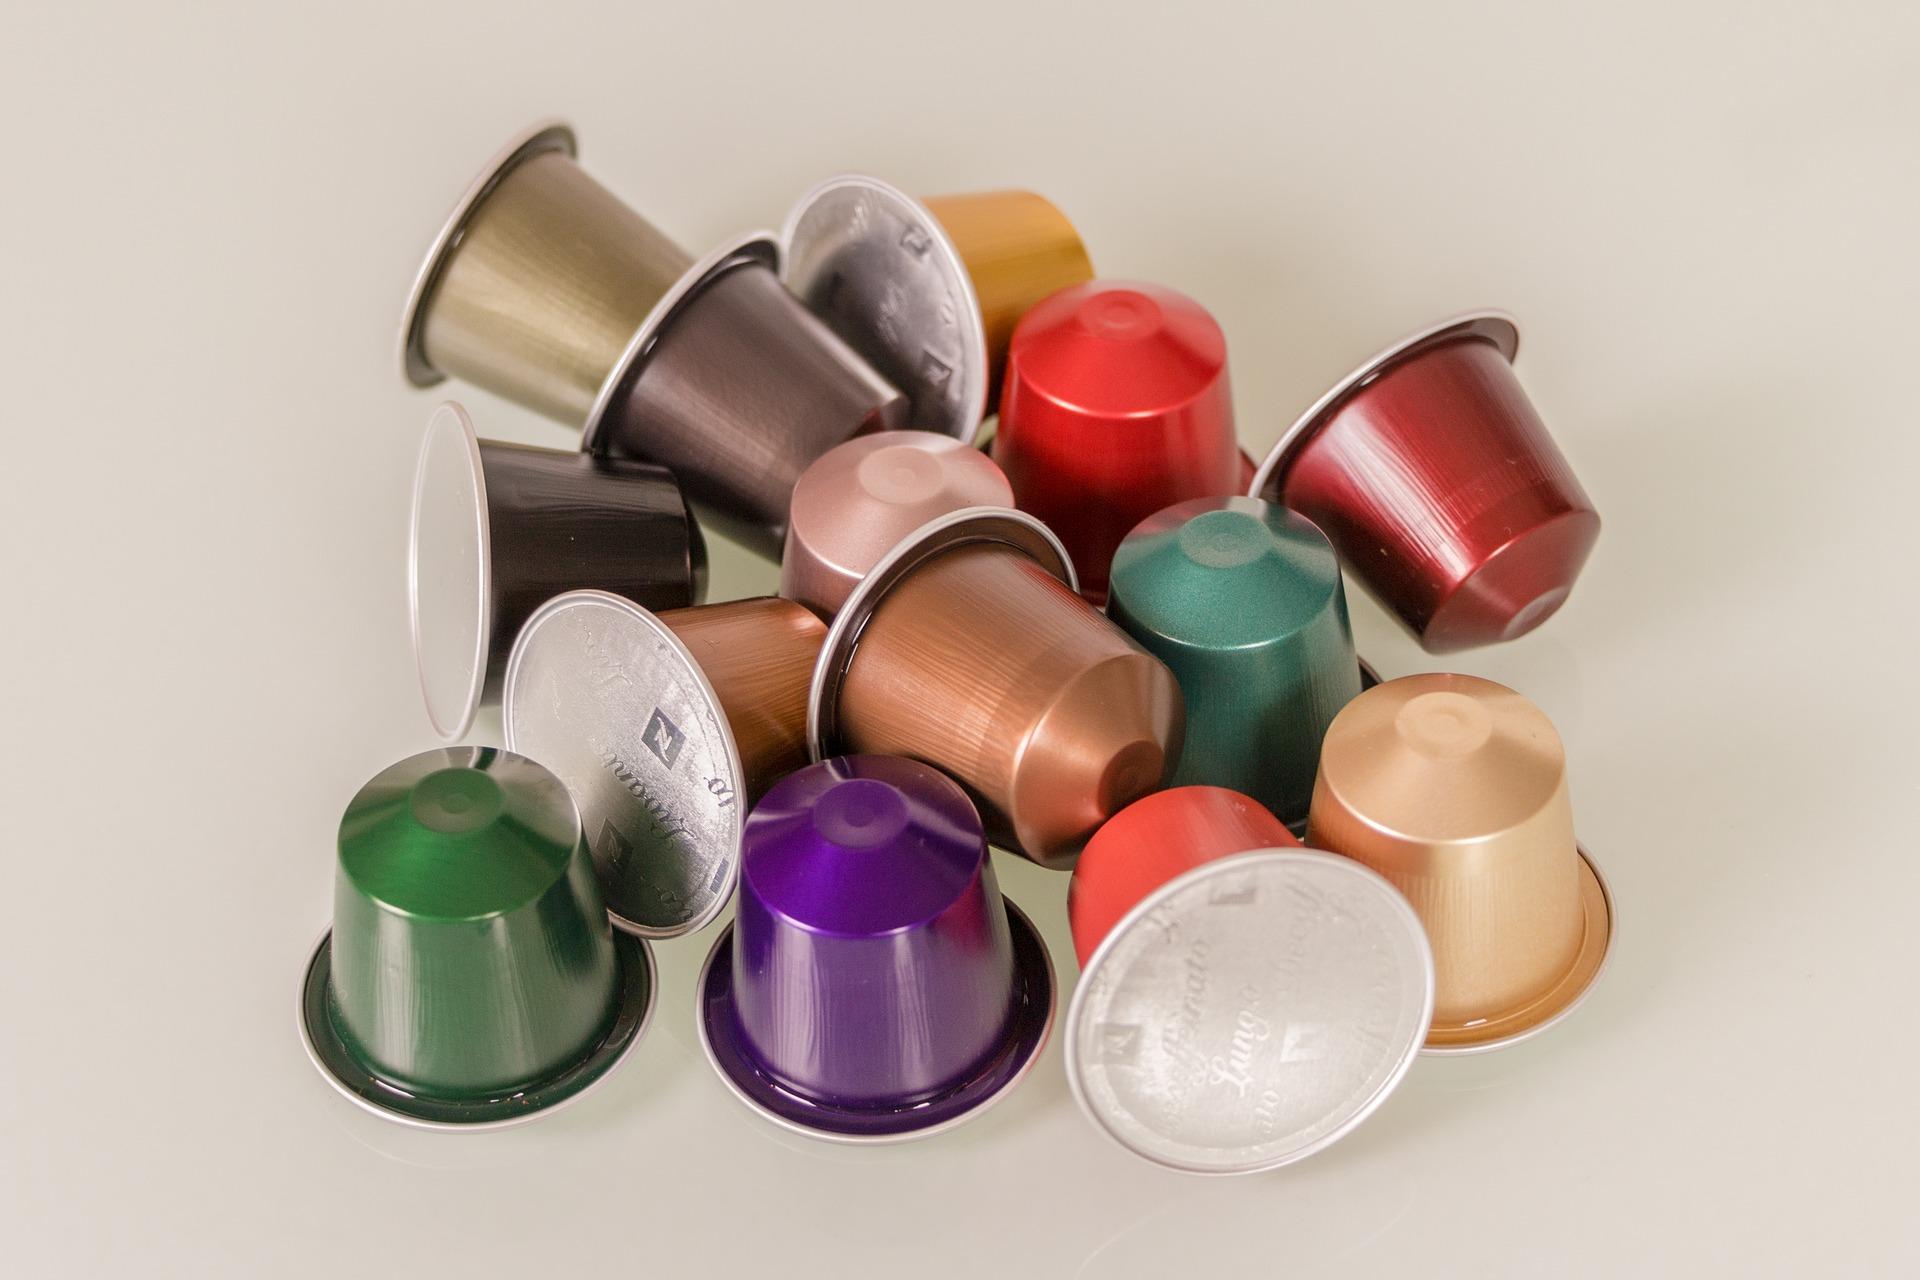 mejores capsulas cafe espresso